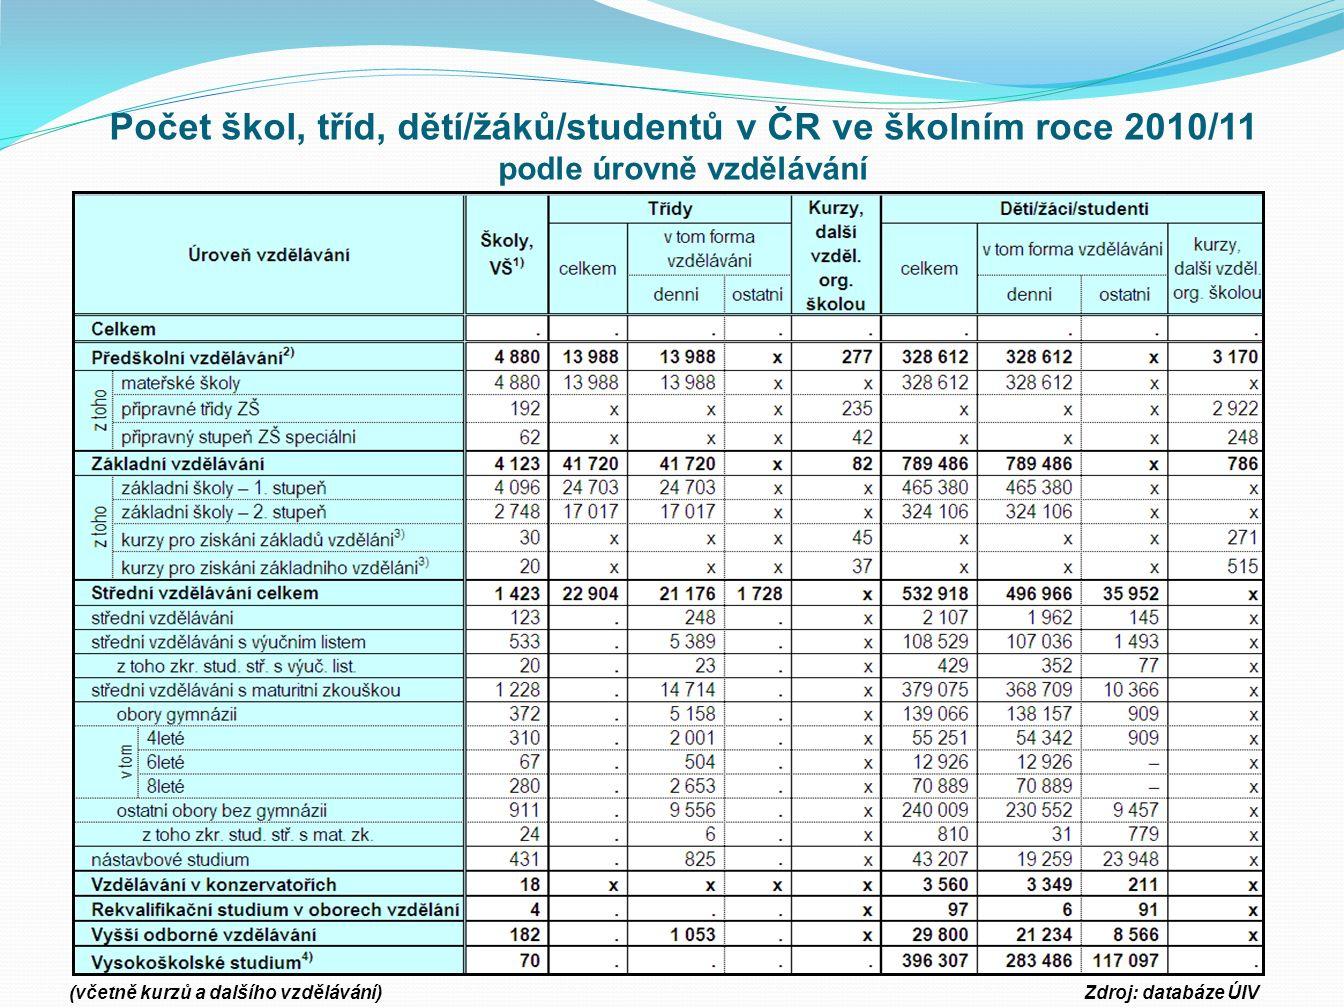 Počet škol, tříd, dětí/žáků/studentů v ČR ve školním roce 2010/11 podle úrovně vzdělávání (včetně kurzů a dalšího vzdělávání)Zdroj: databáze ÚIV